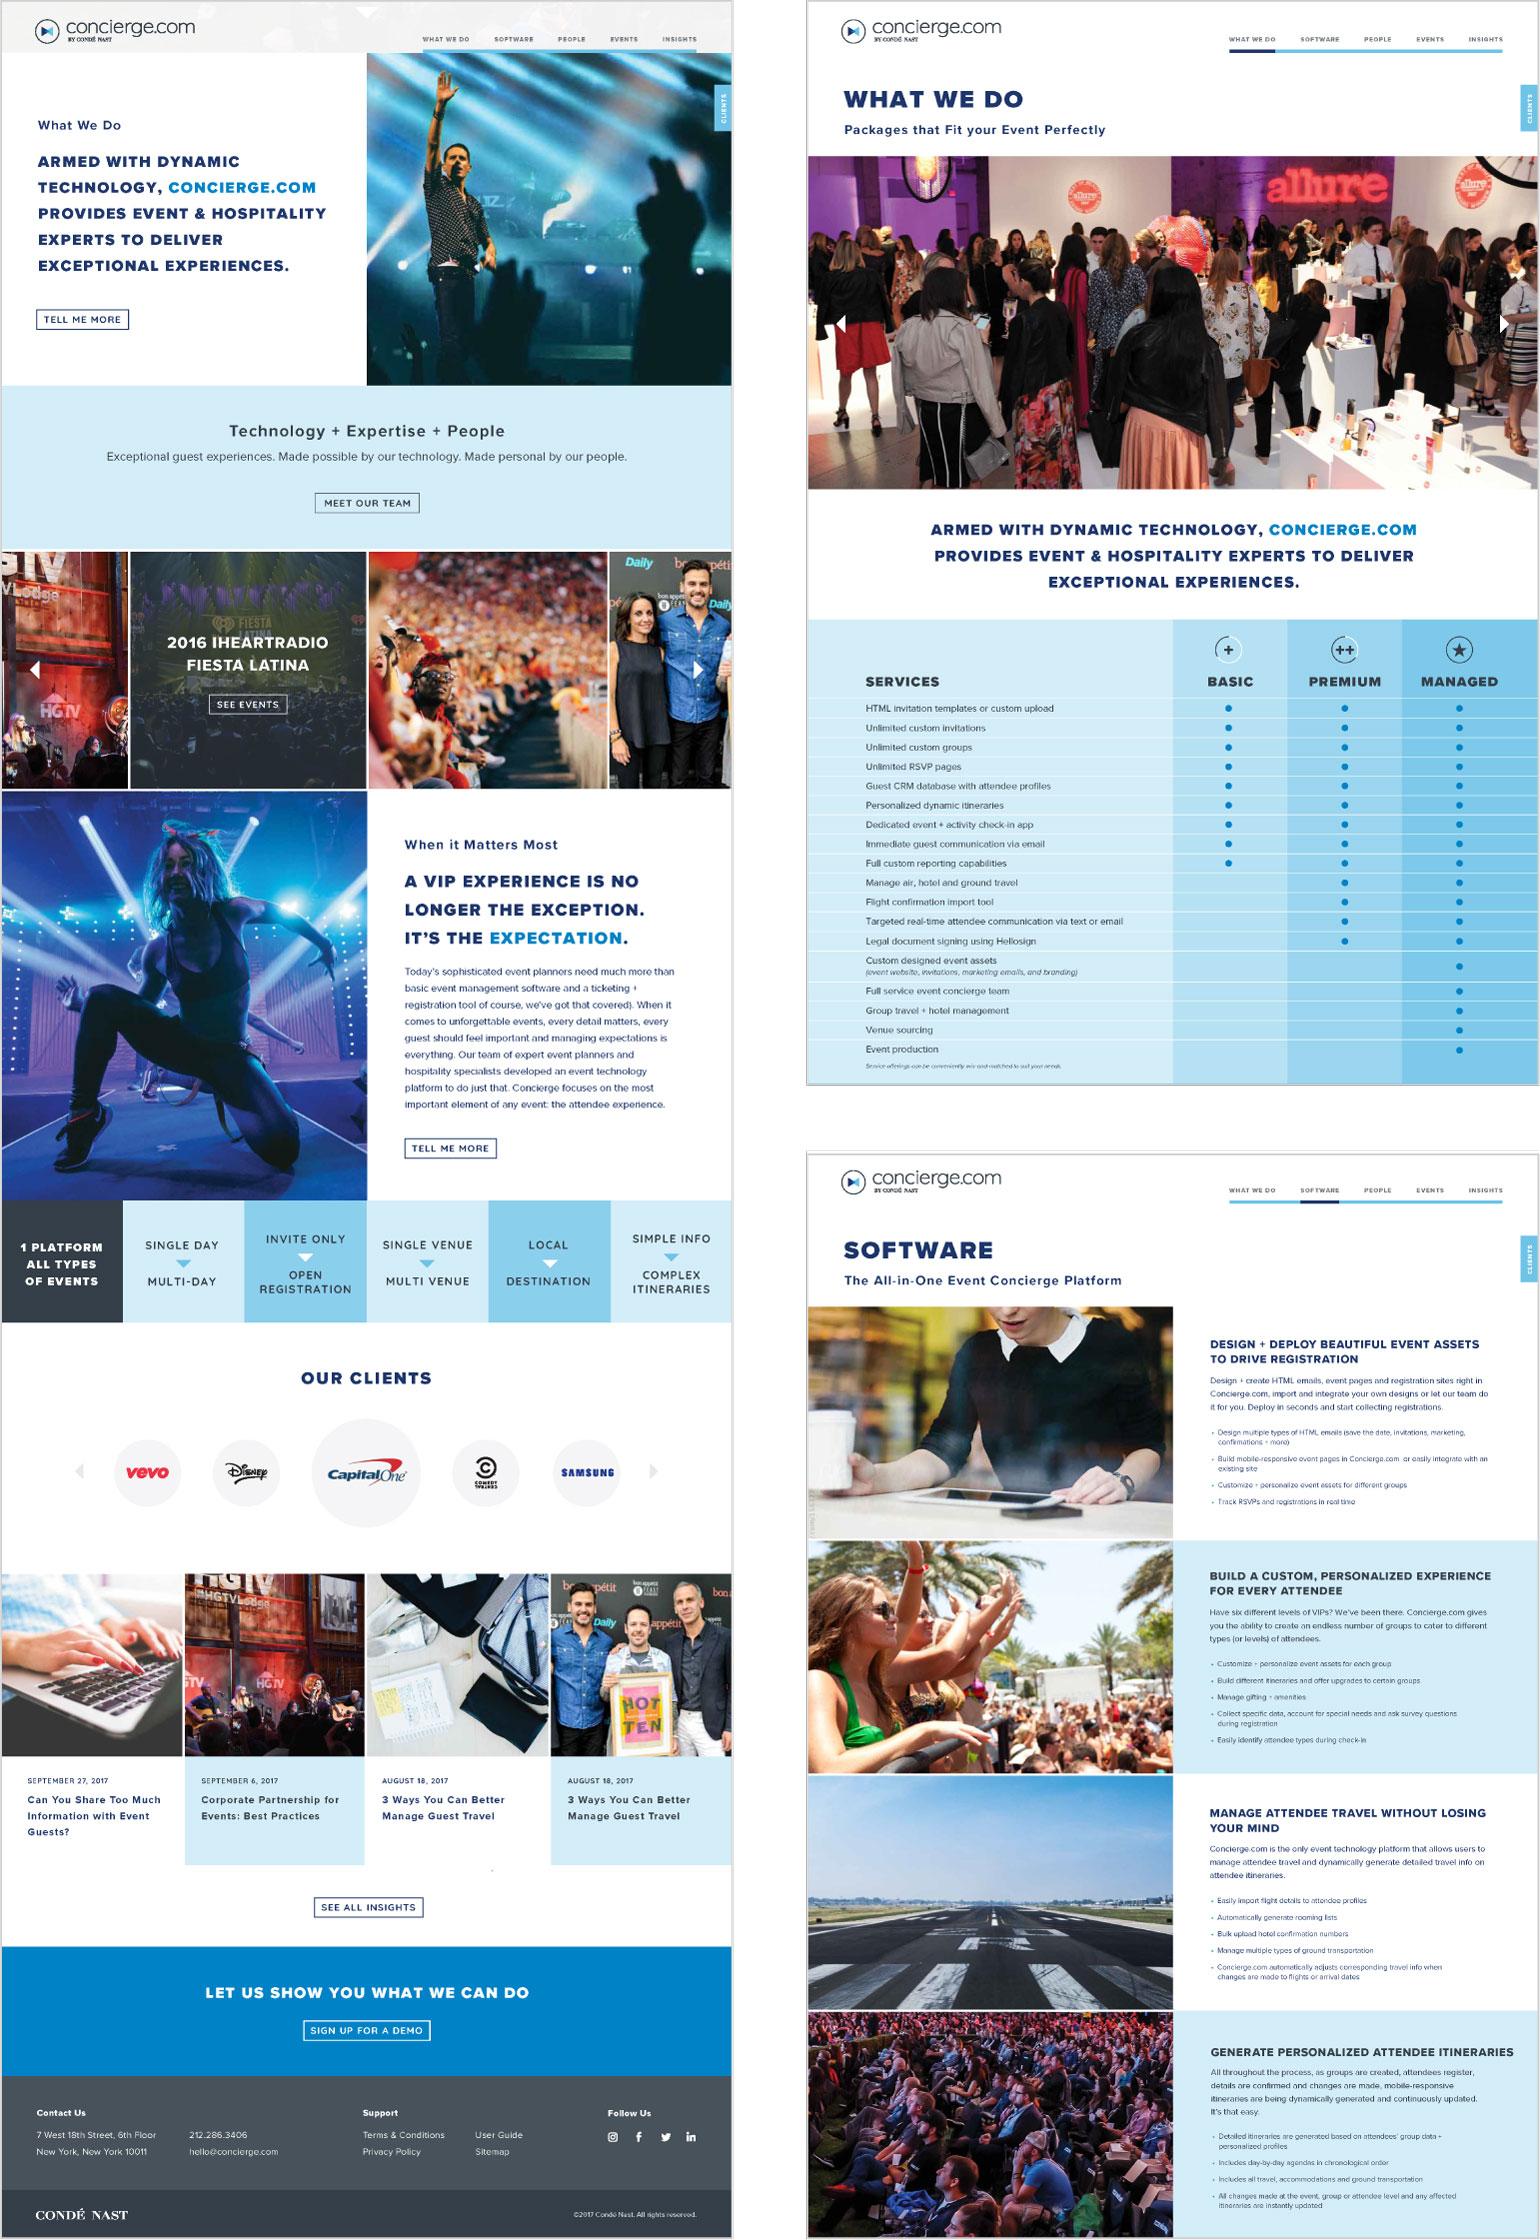 Concierge.com web pages